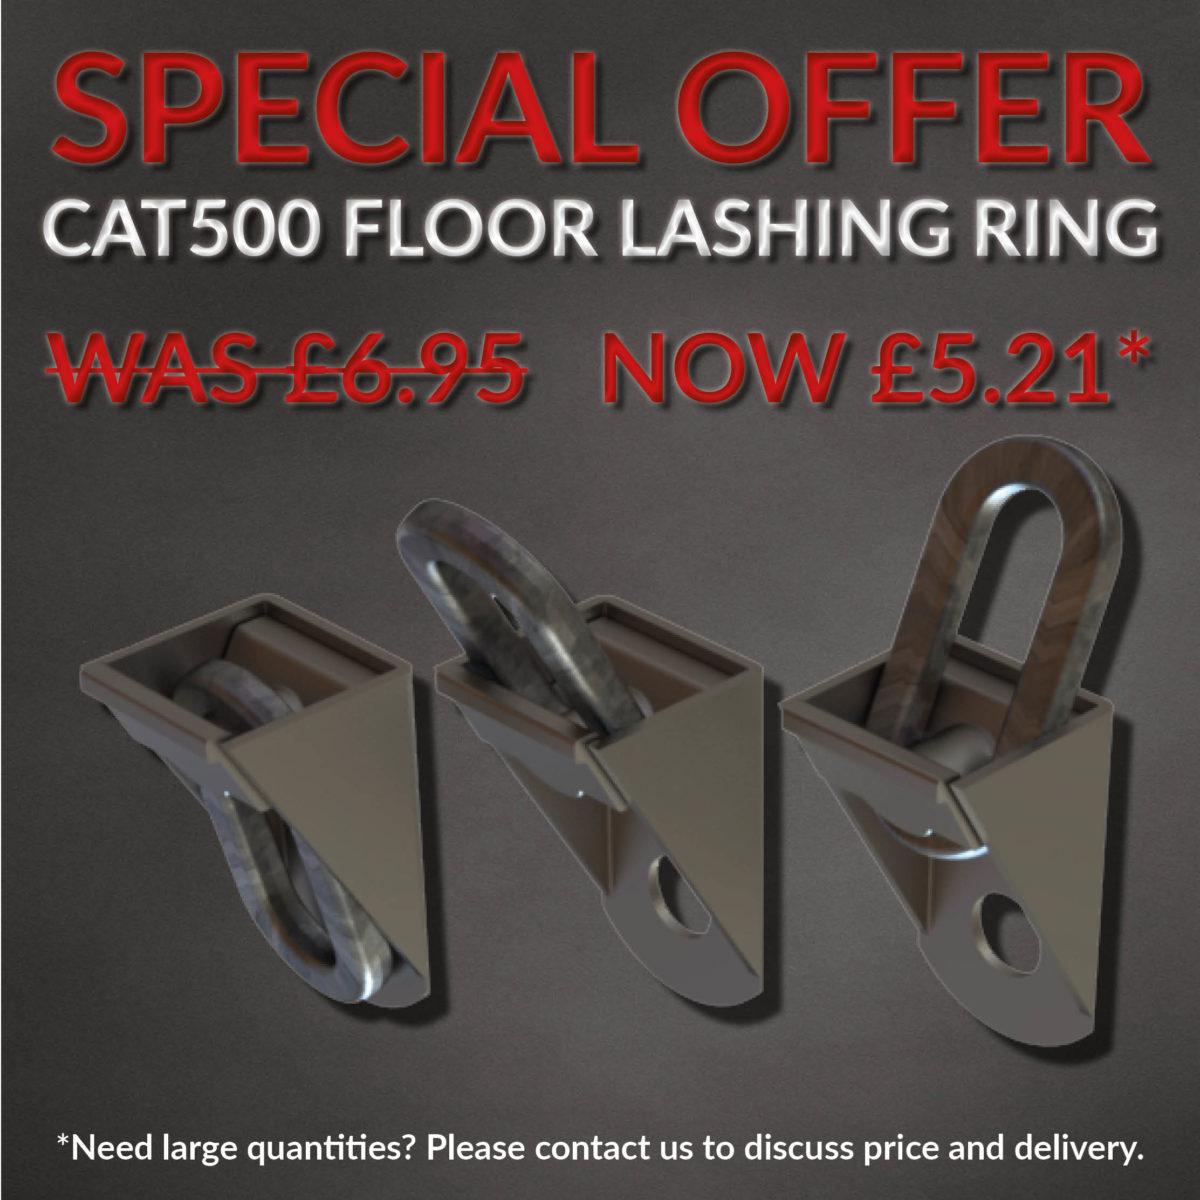 Special offer CAT500 floor lashing ring